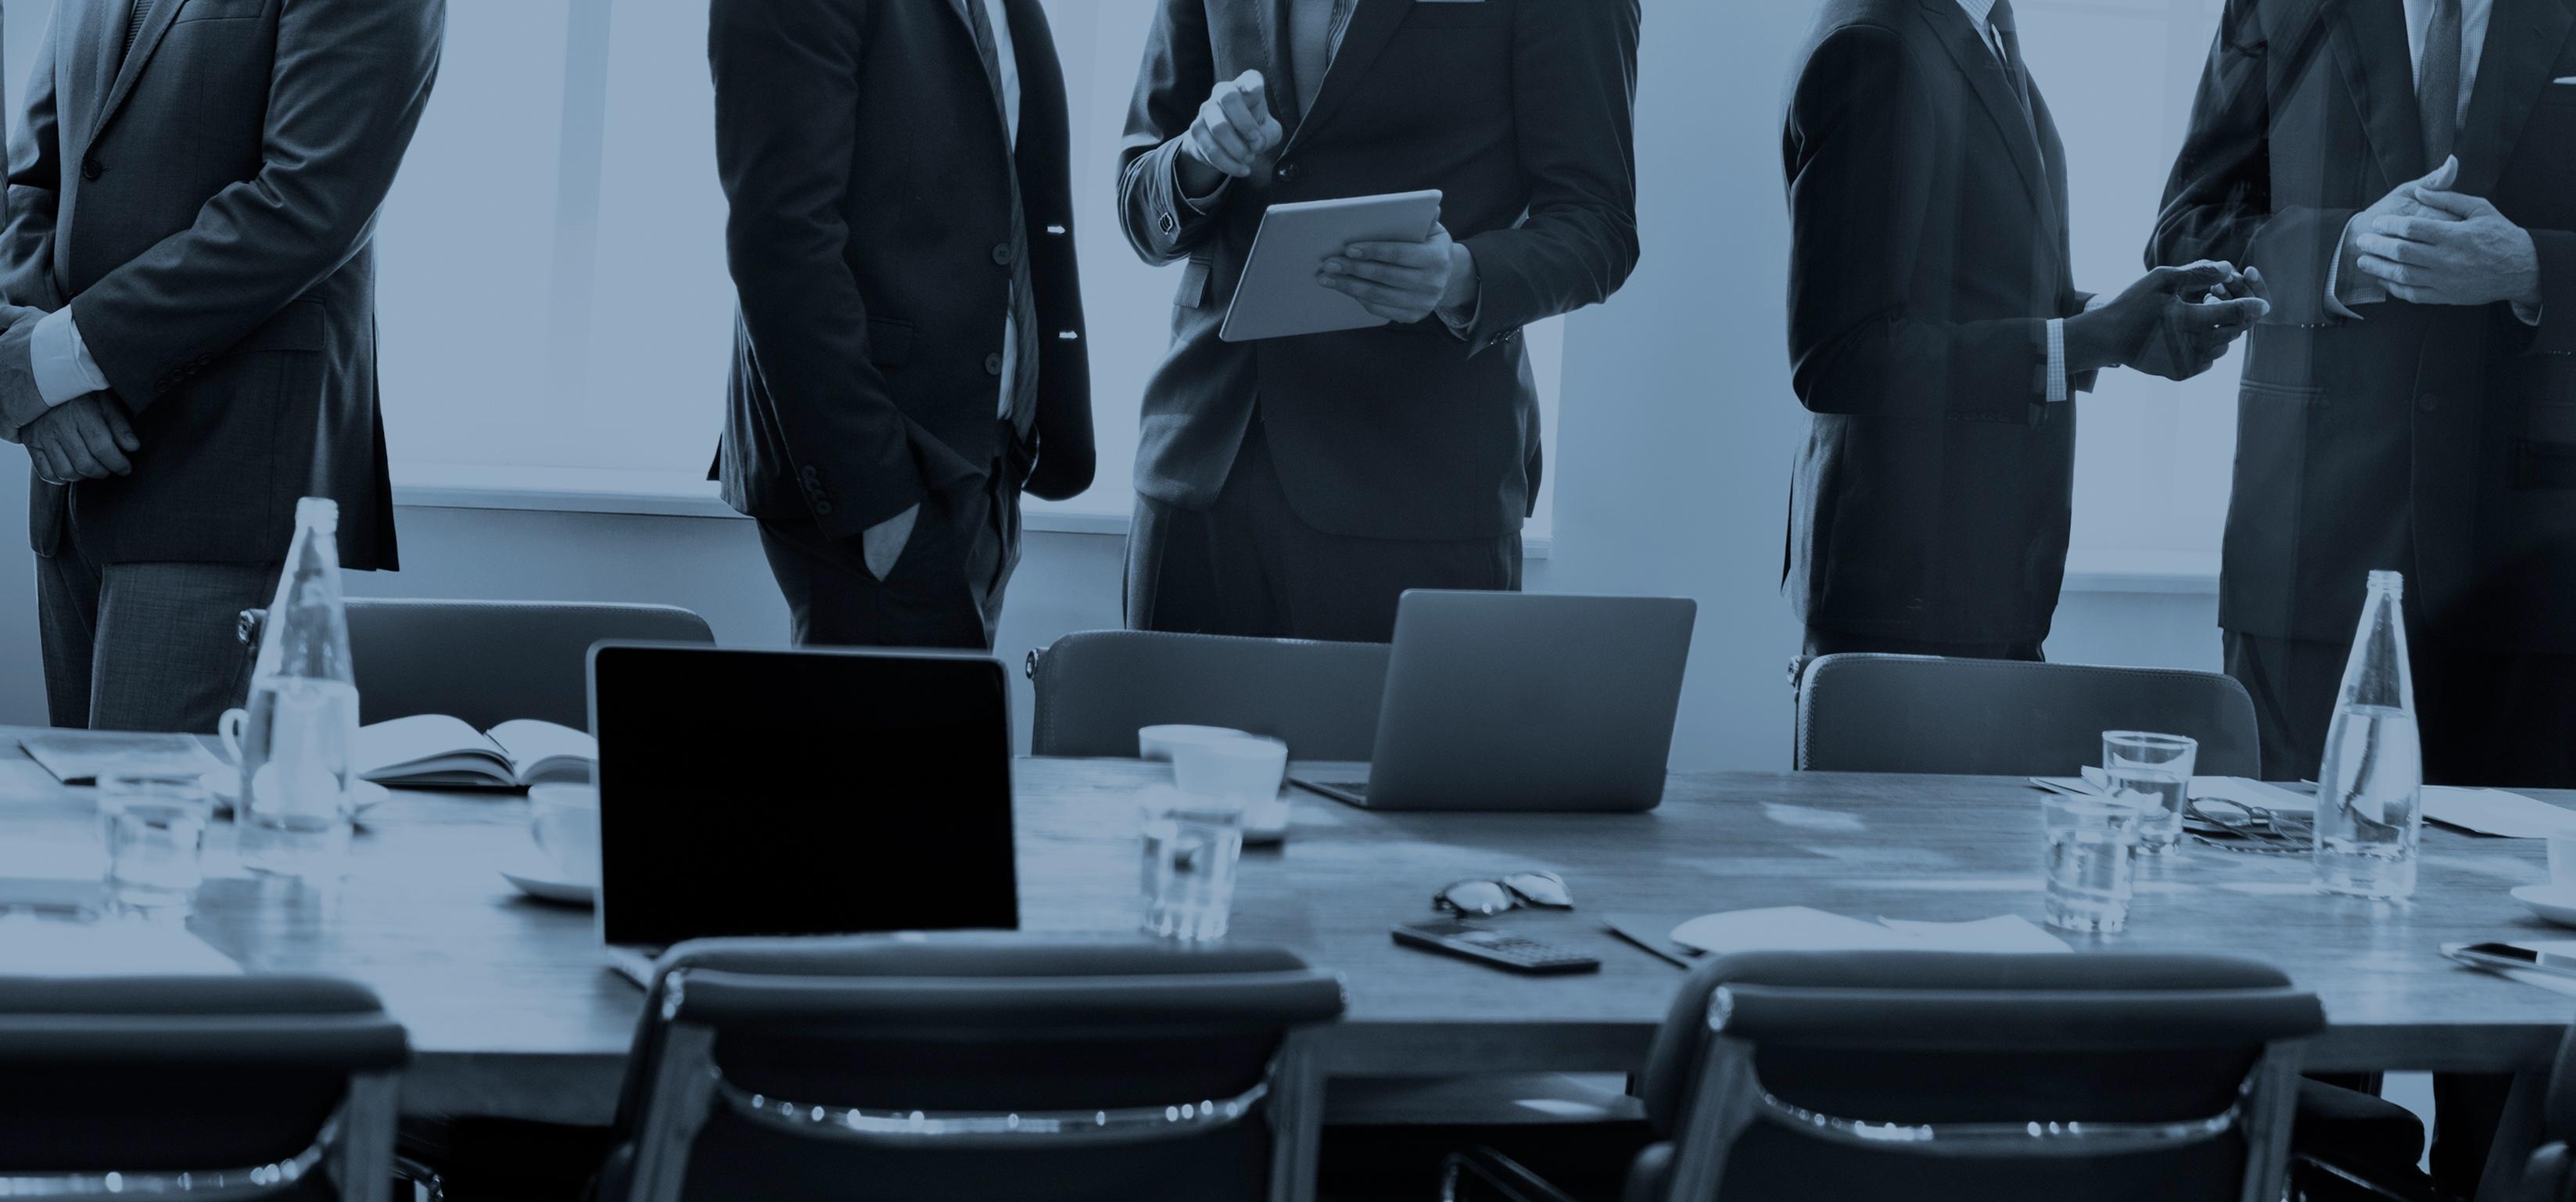 """7 tình huống phỏng vấn """"cực chua"""" nhà tuyển dụng có thể """"diễn"""" để thử lòng ứng viên, dân công sở nên lưu ý - Ảnh 4."""